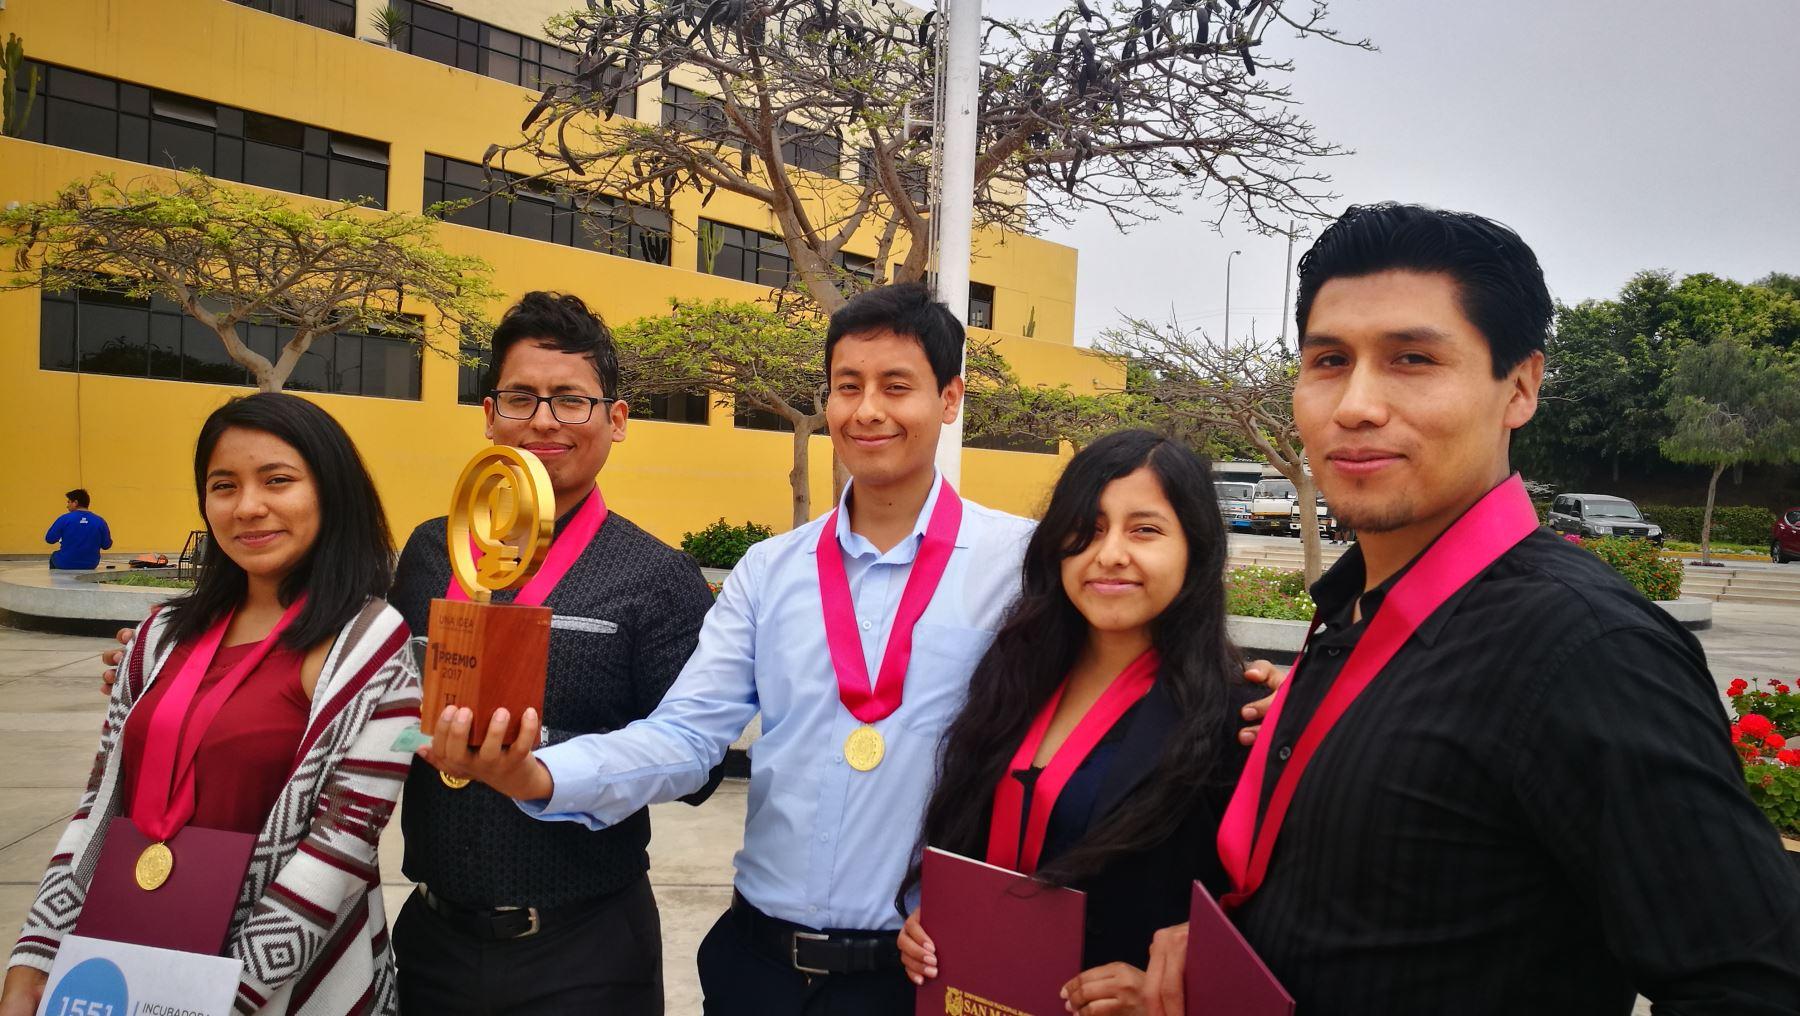 Universidad San Marcos reconoció a equipo que ganó concurso internacional de History Channel. Foto: Susana Mendoza